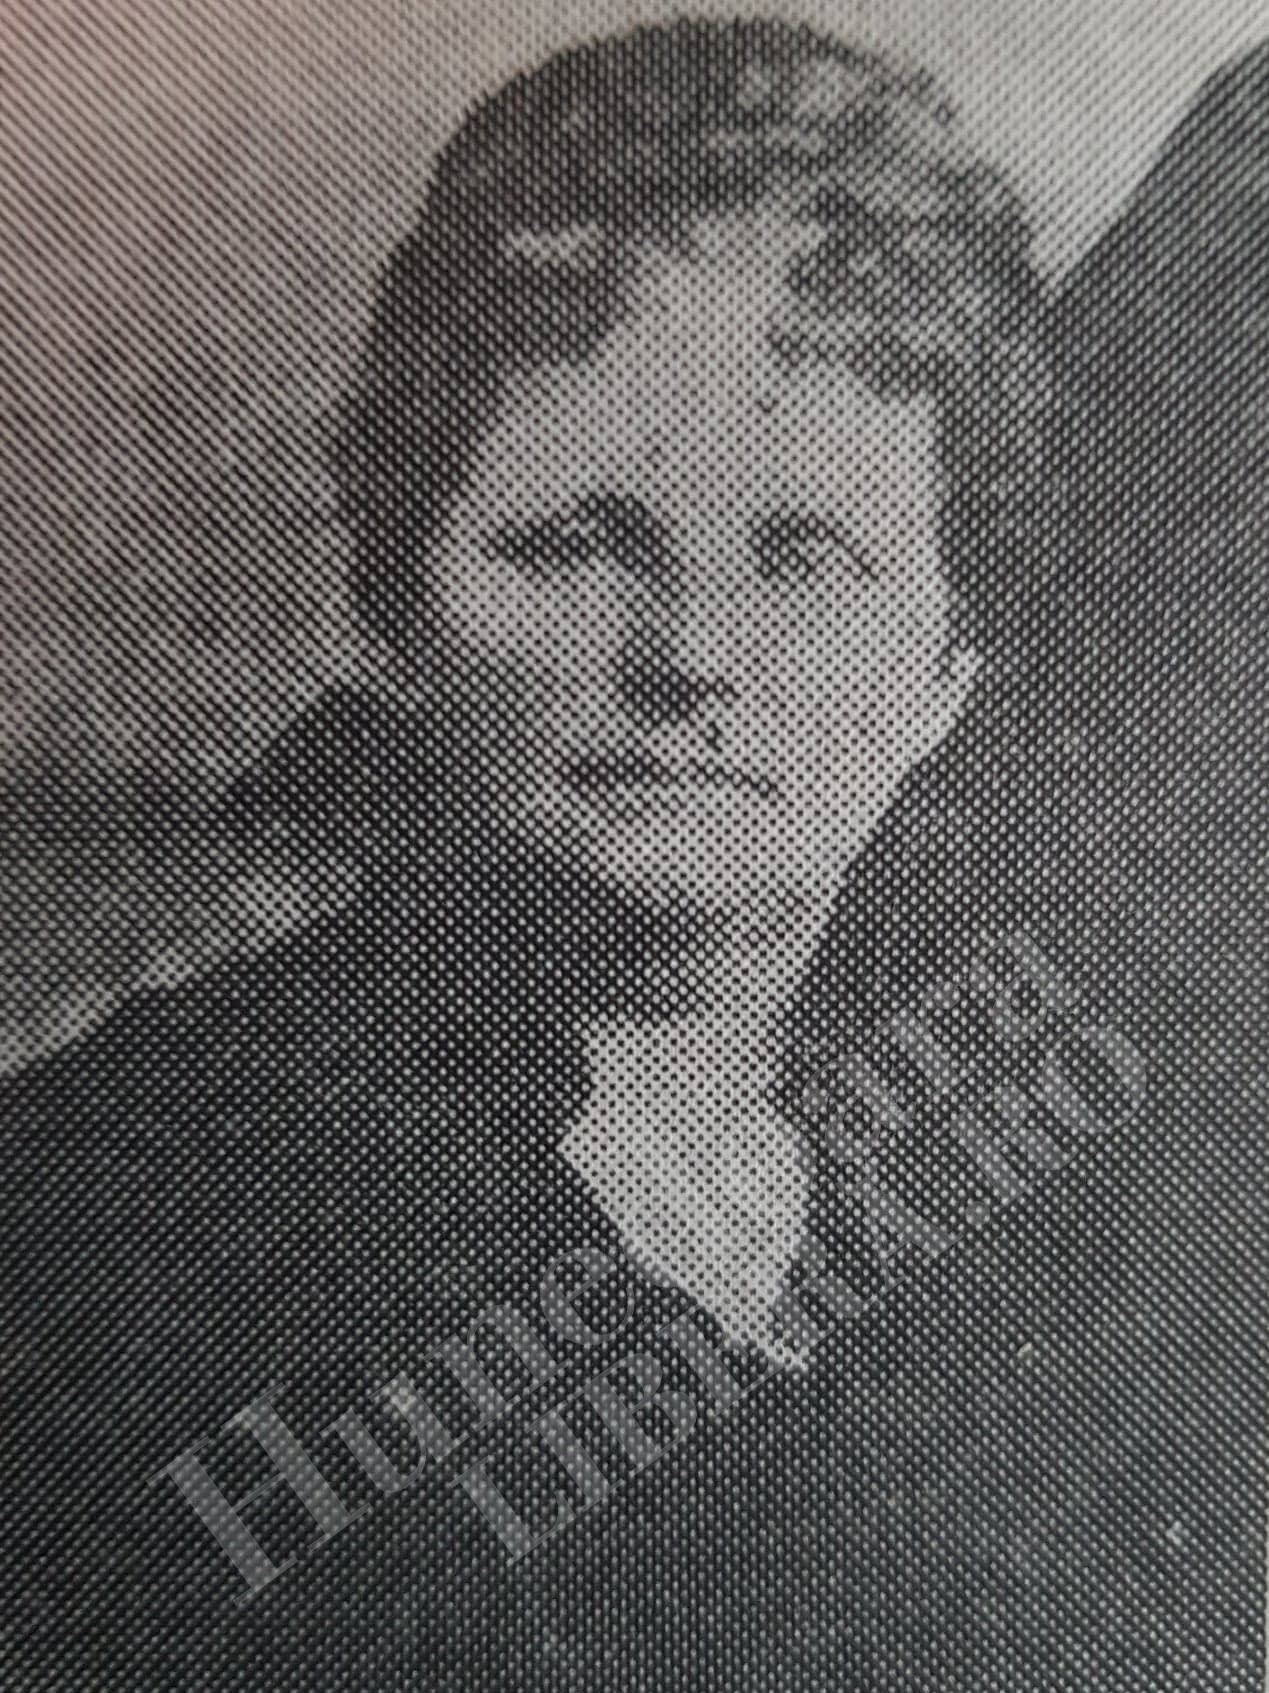 Eugenia Budoiu